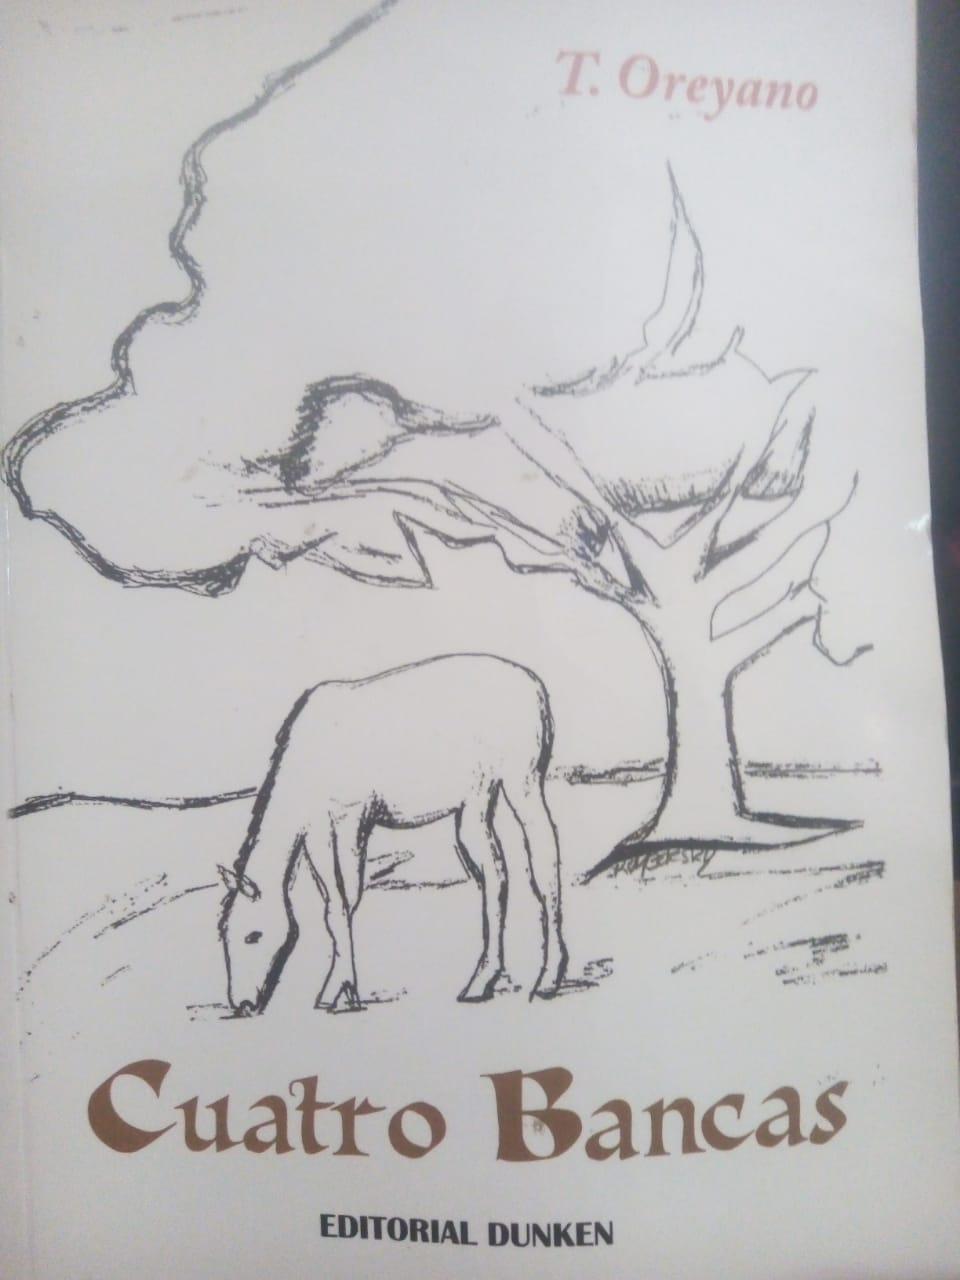 CUATRO BANCAS